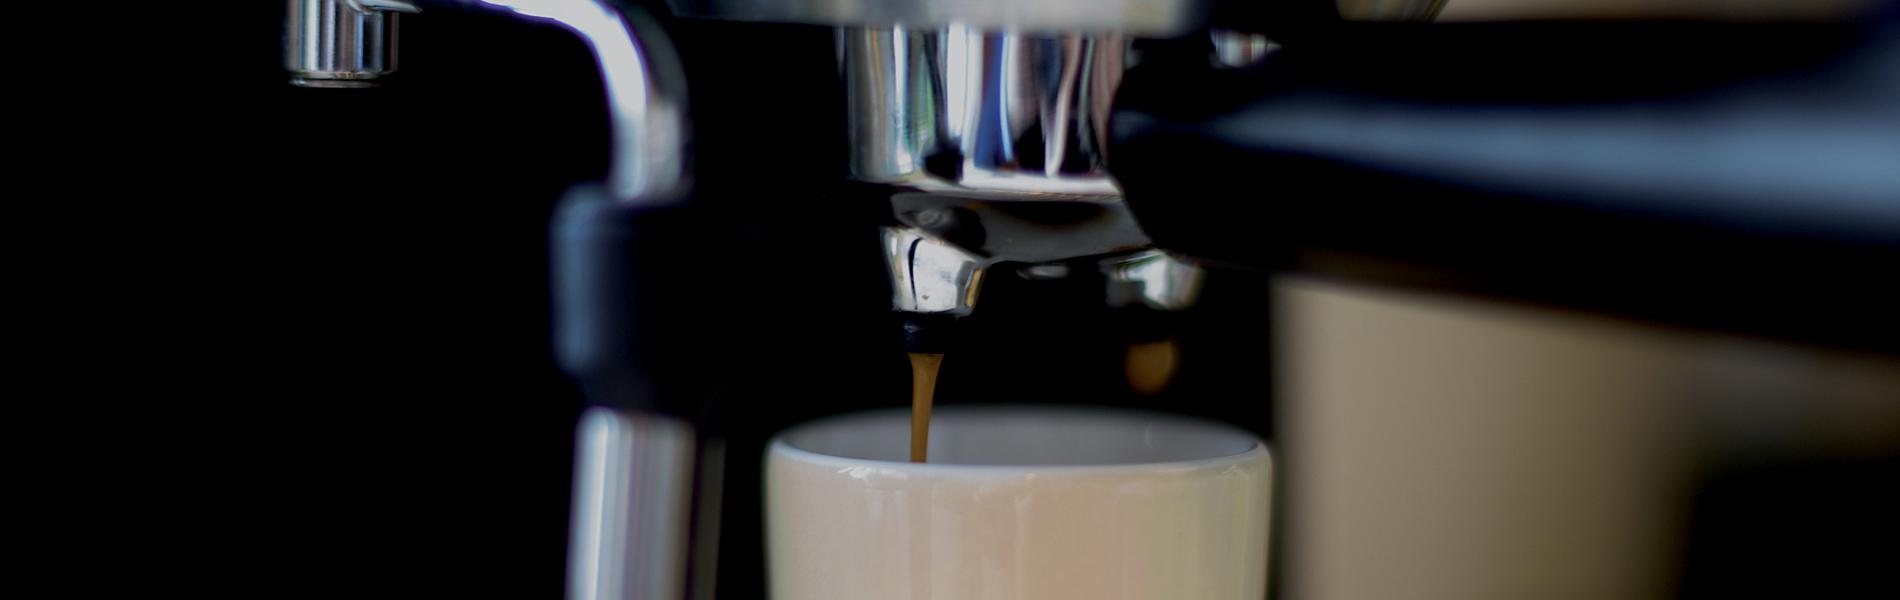 macchina del caffe e tazza